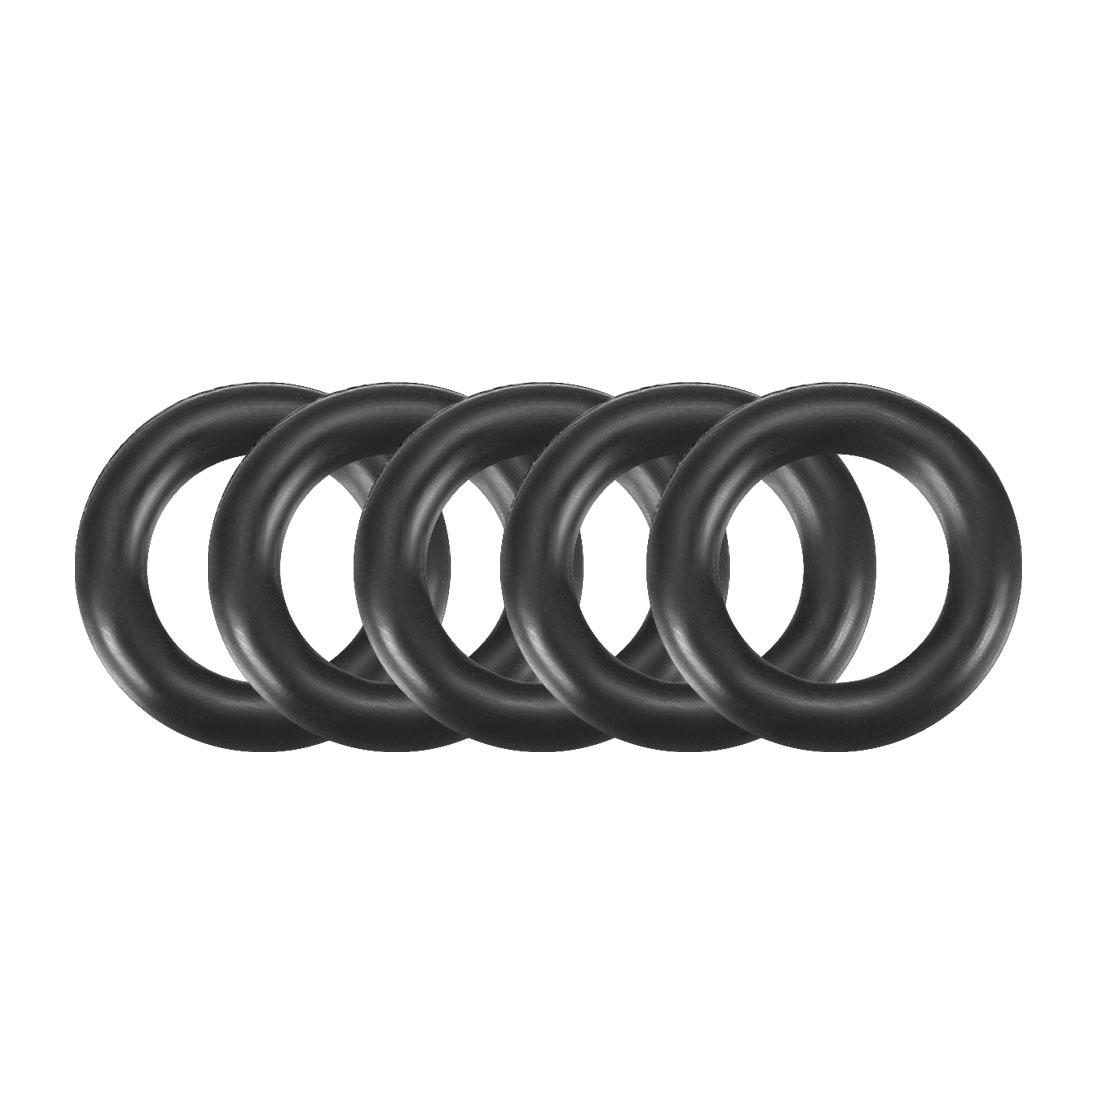 30pcs Black Nitrile Butadiene Rubber NBR O-Ring 4.5mm Inner Dia 1.5mm Width